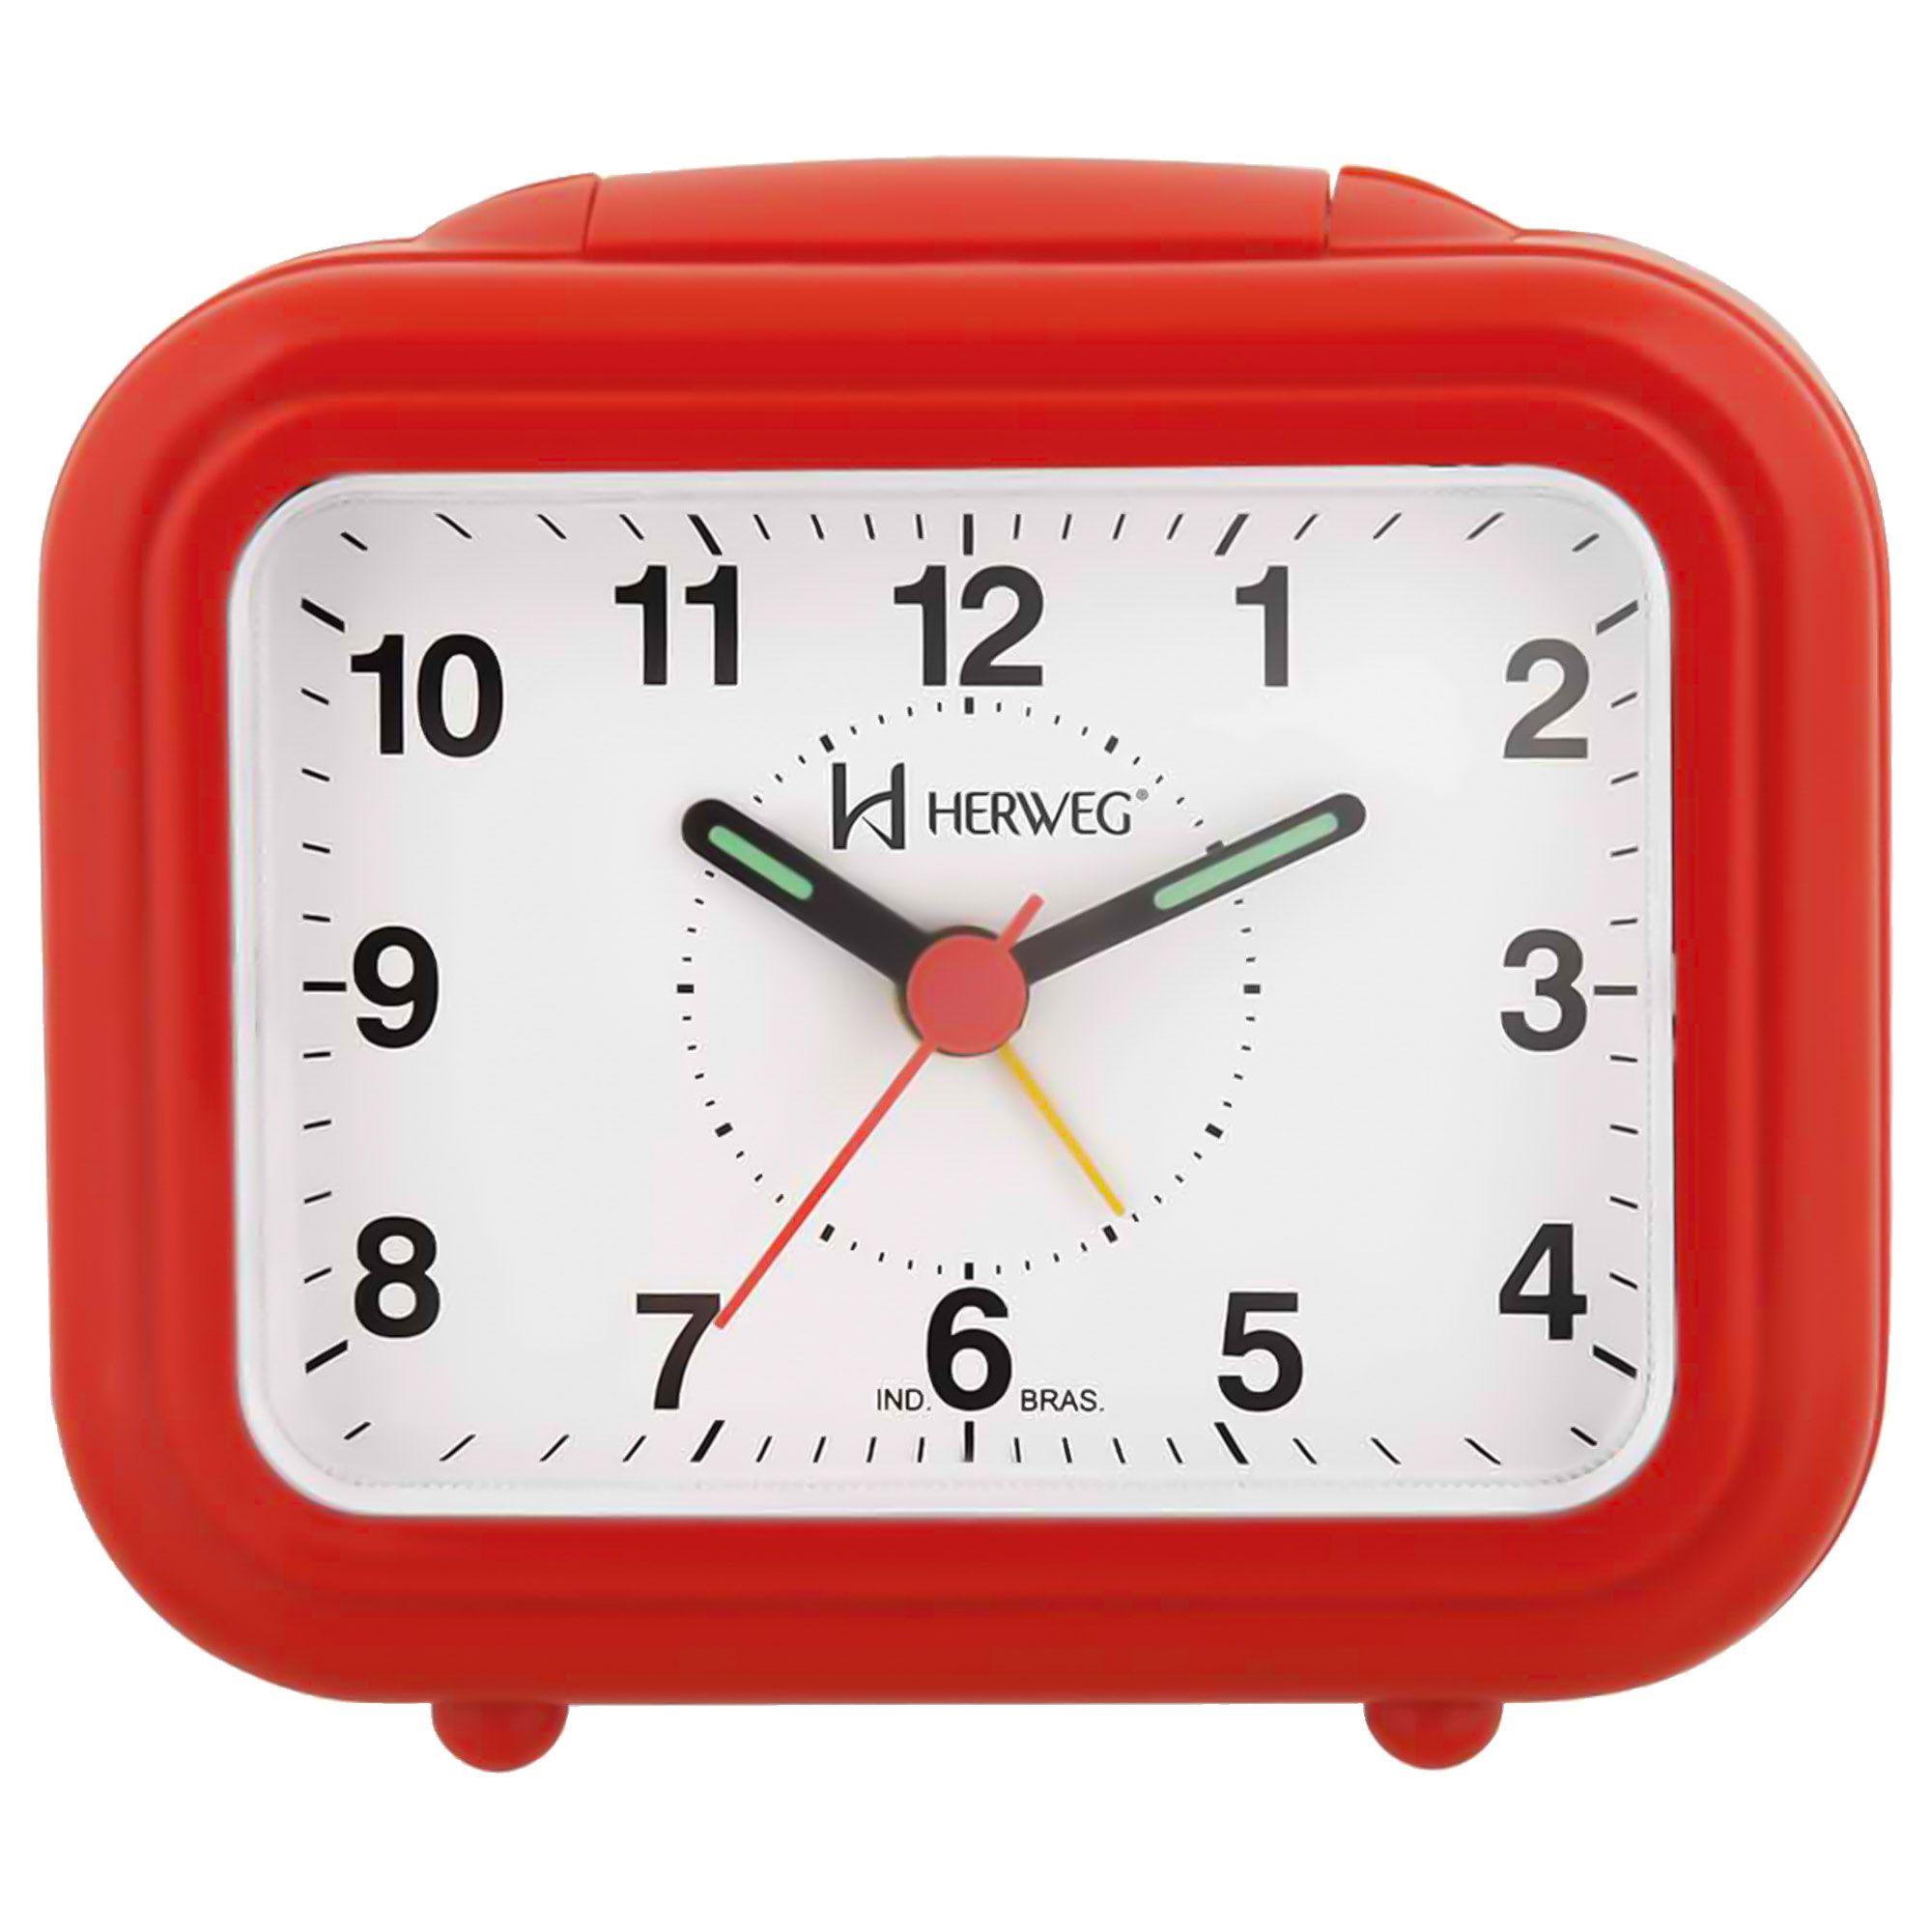 Despertador Analógico Quartzo Herweg 2630 044 Vermelho